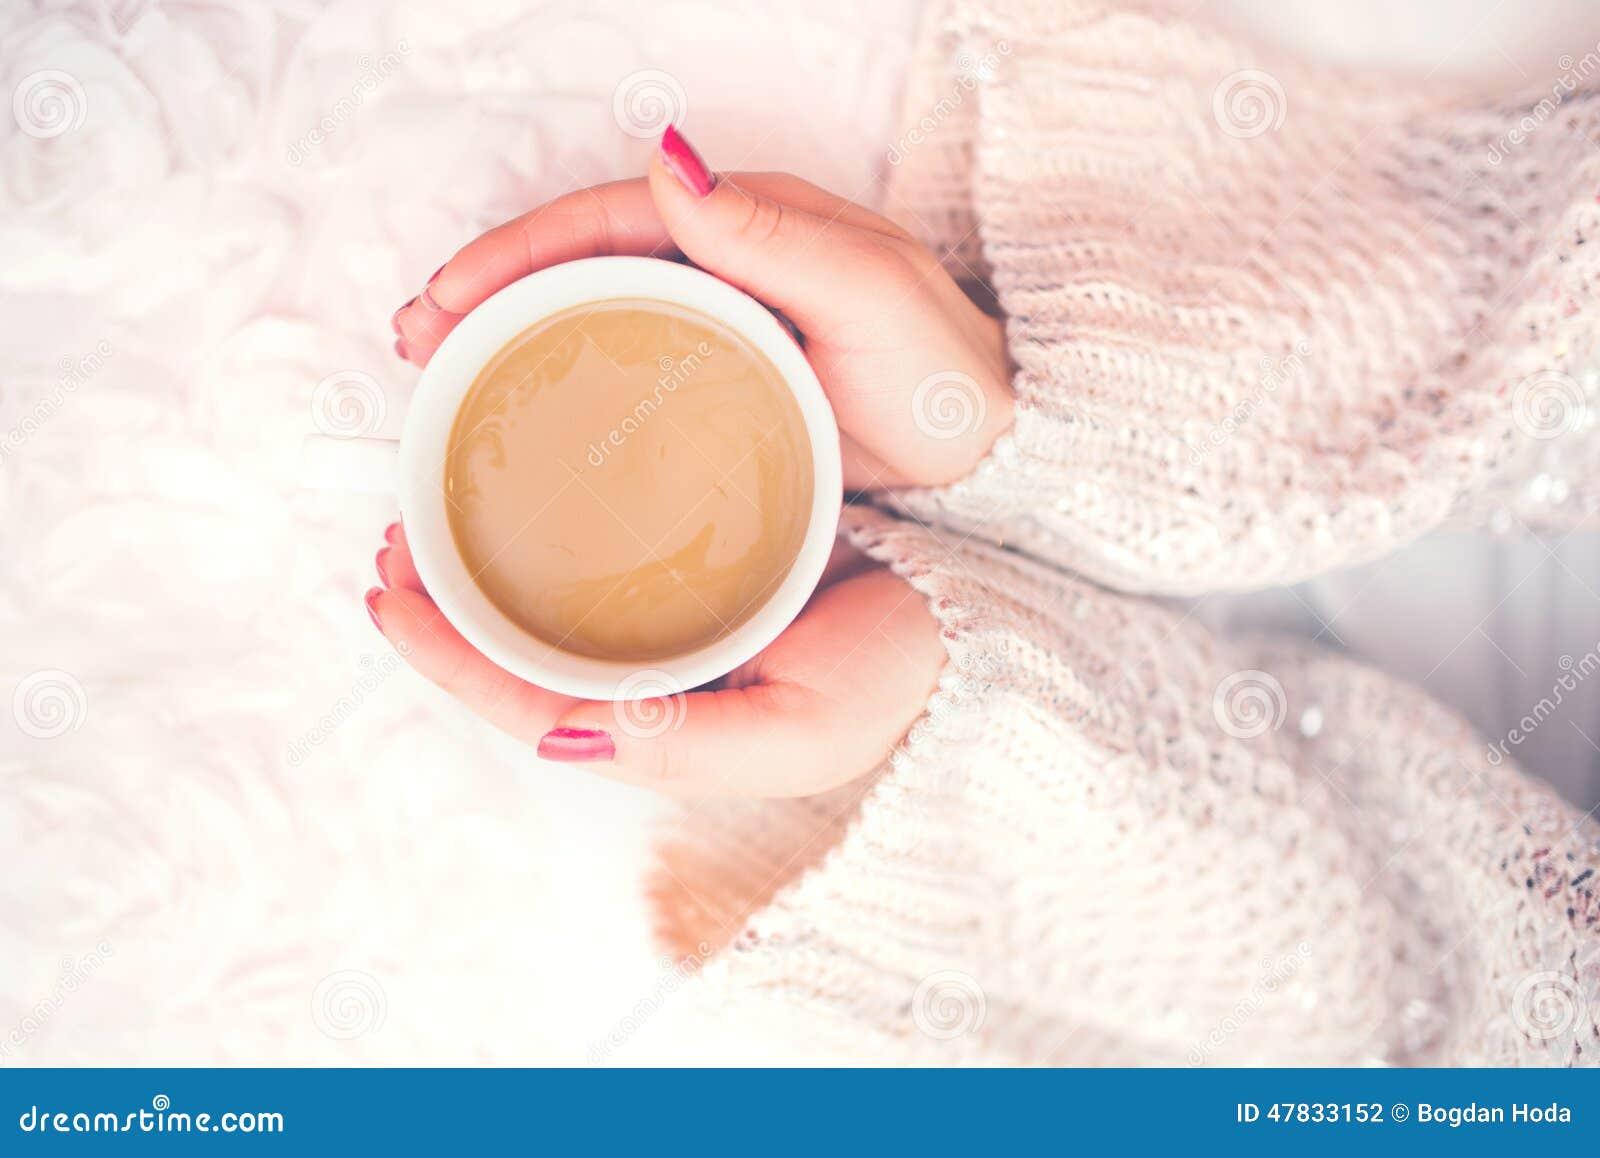 Frau übergibt das Halten einer Schale heißen Kaffees, Espresso auf einem Winter, kalter Tag